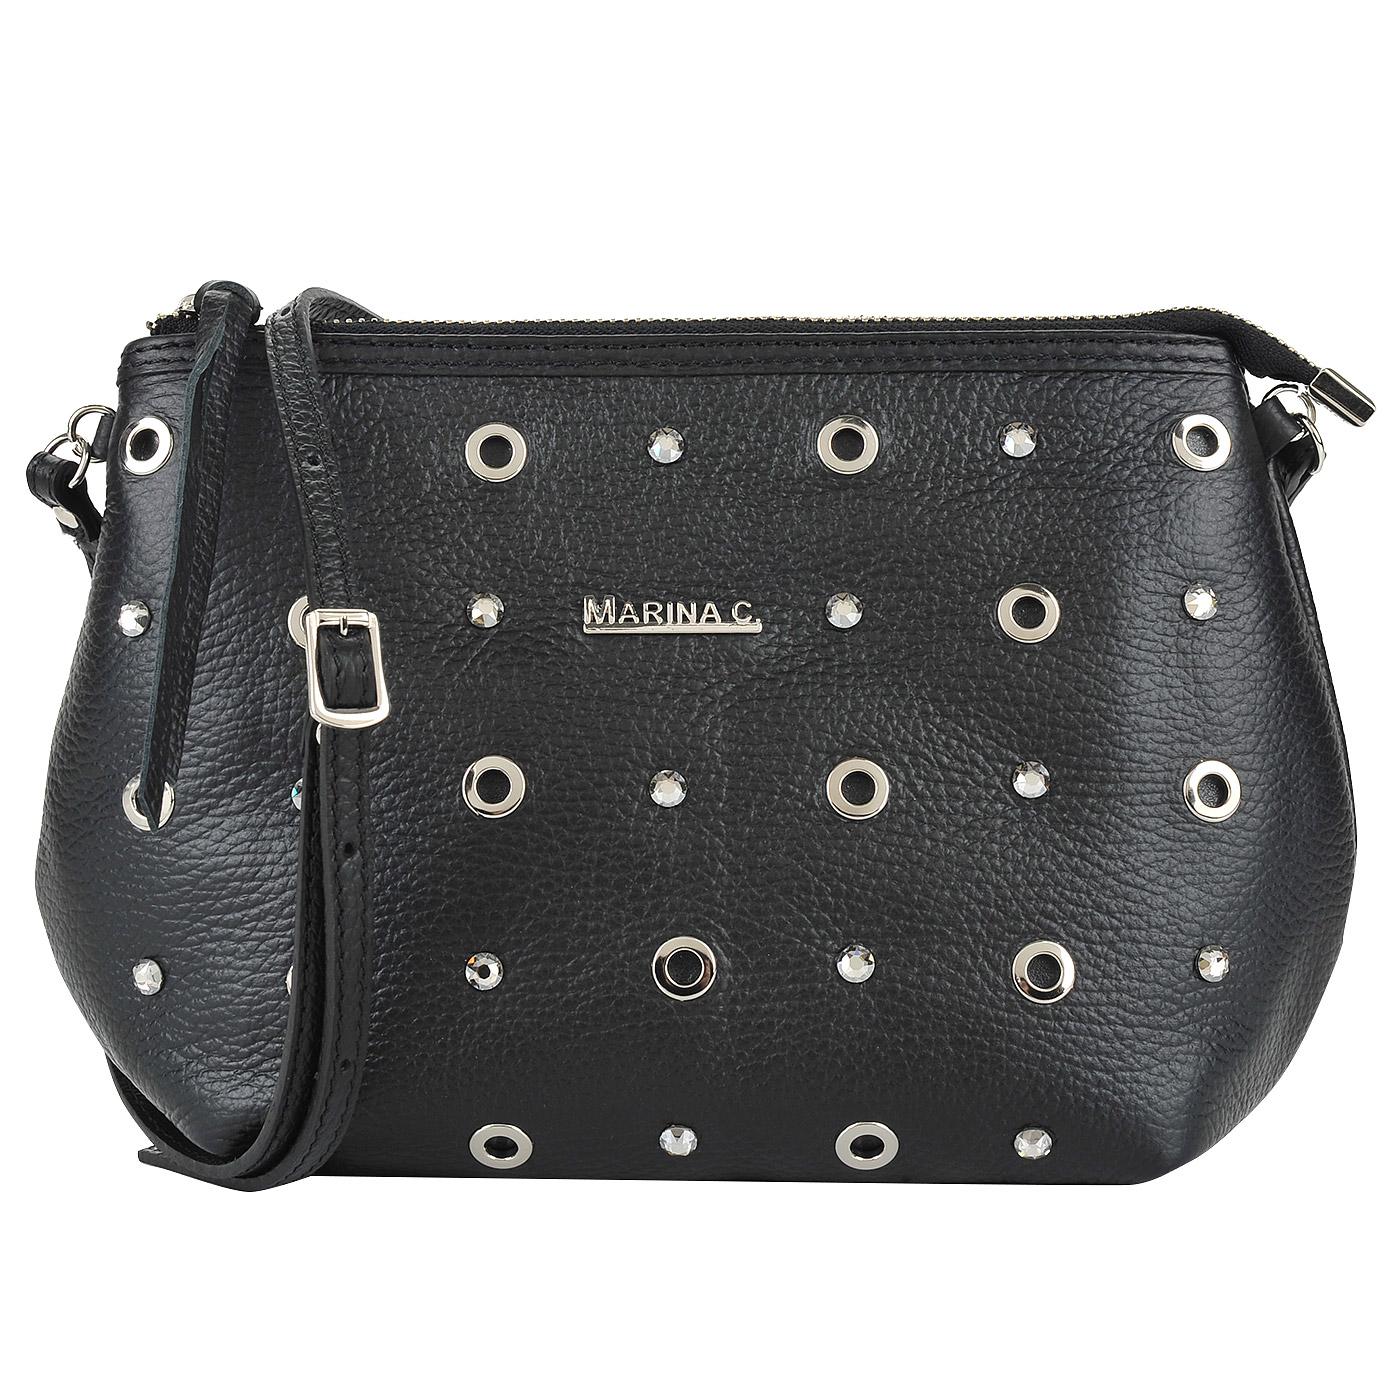 65c398869725 ... Женская кожаная сумка с клепками и стразами Marina Creazioni ...